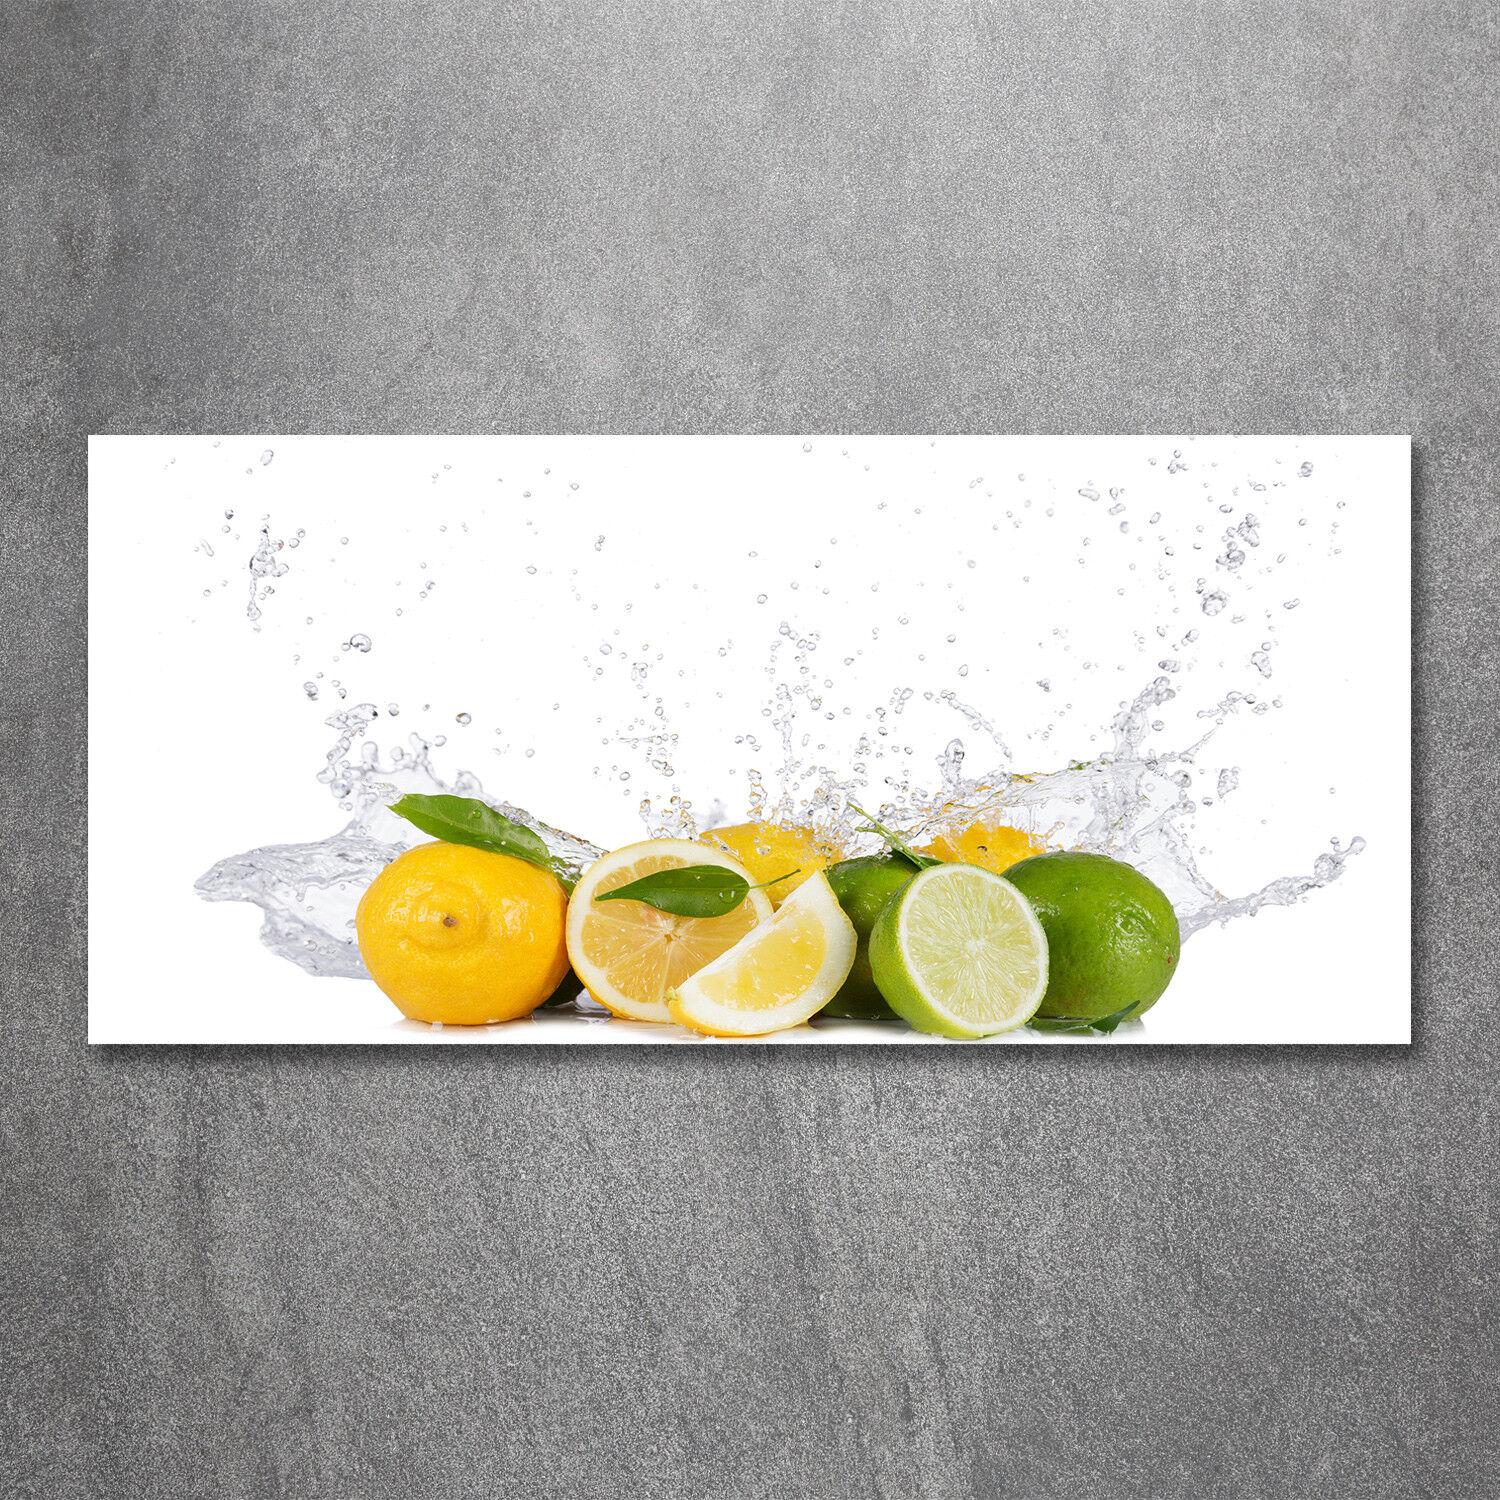 Glas-Bild Wandbilder Druck auf Glas 120x60 Deko Essen & Getränke Zitrus Wasser